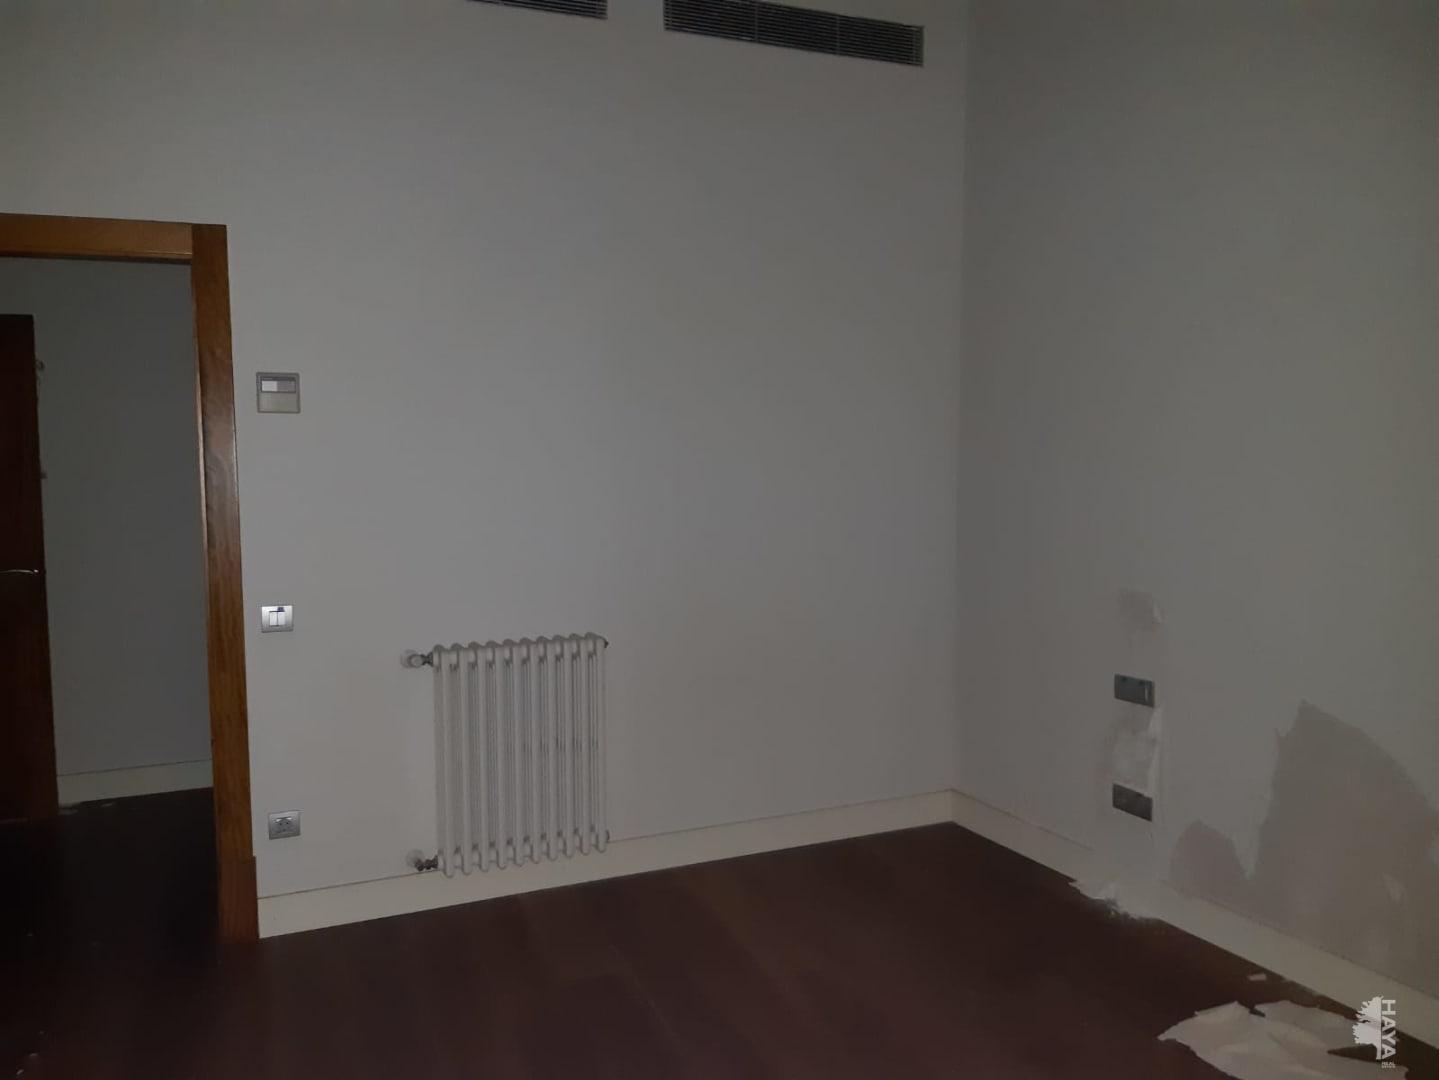 Piso en venta en Piso en Palma de Mallorca, Baleares, 766.272 €, 3 habitaciones, 6 baños, 146 m2, Garaje